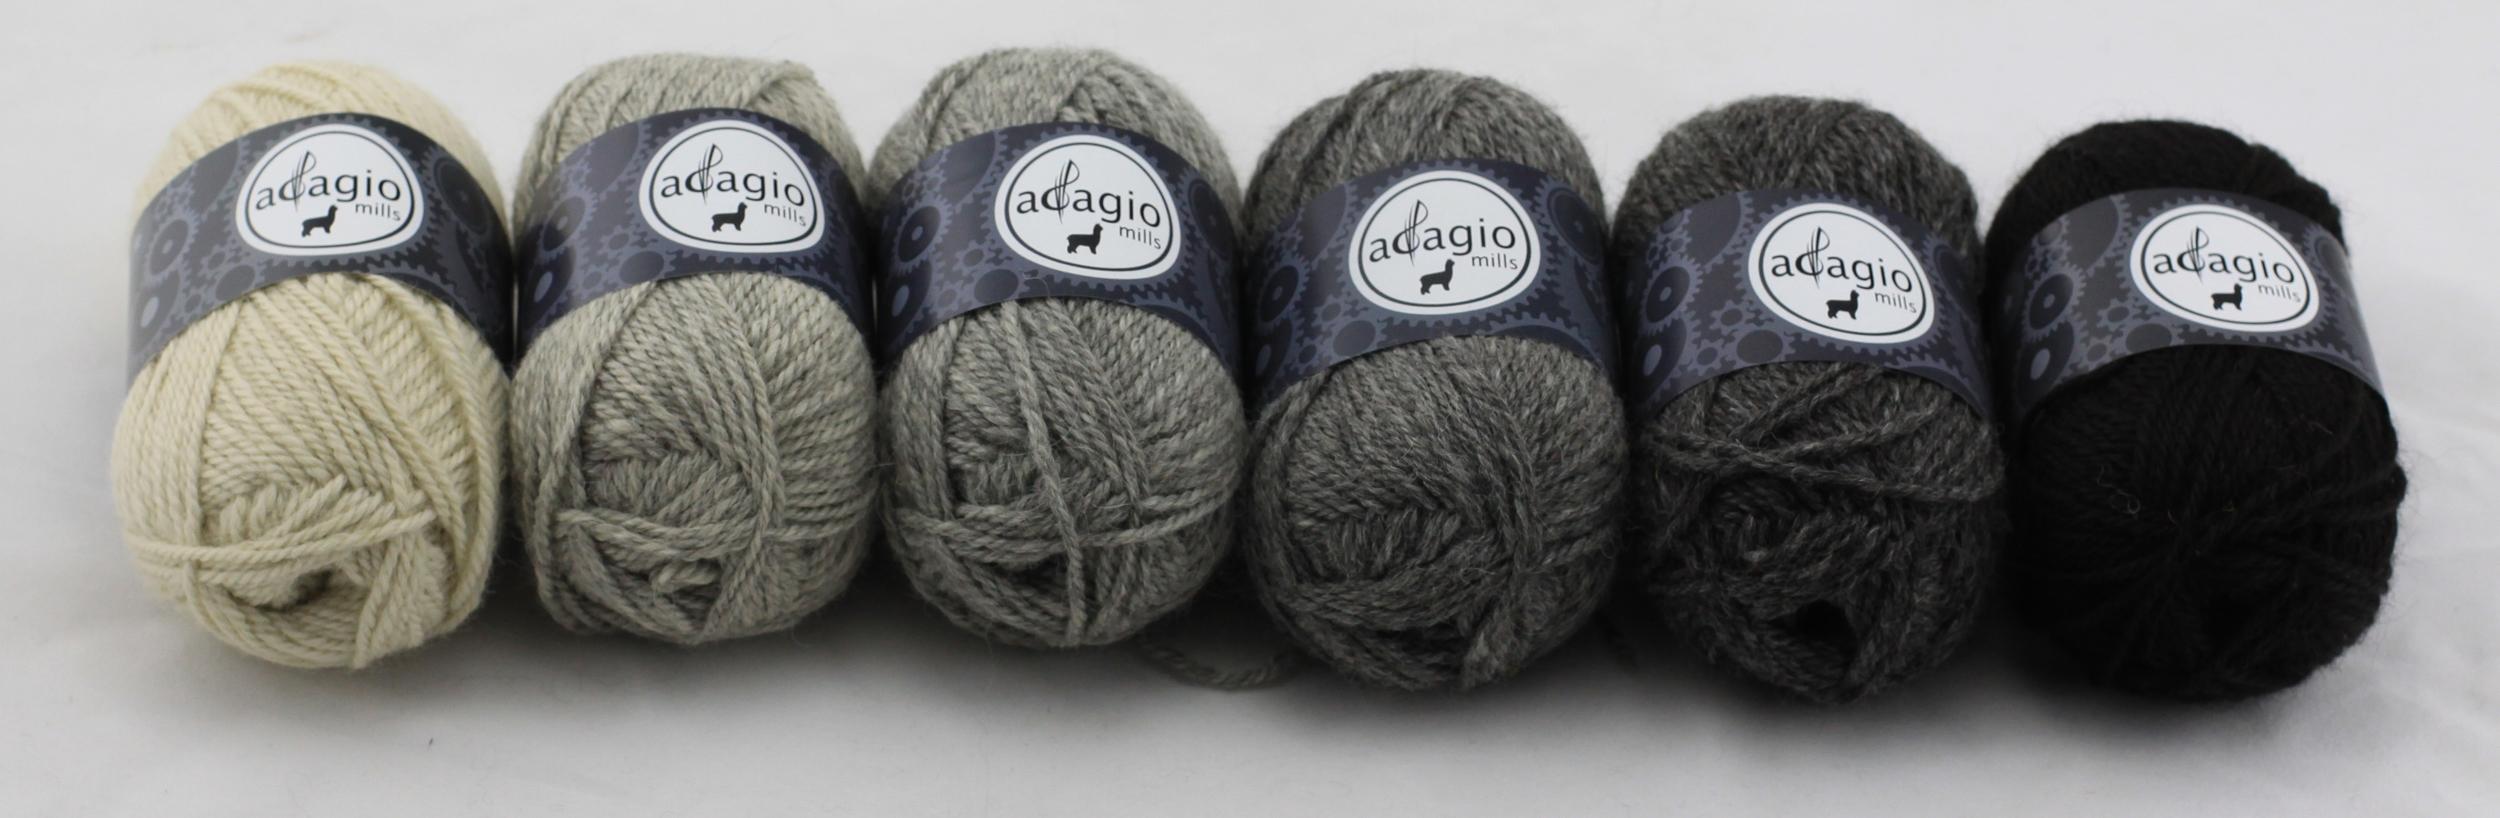 - Looking for Adagio Mills yarns?